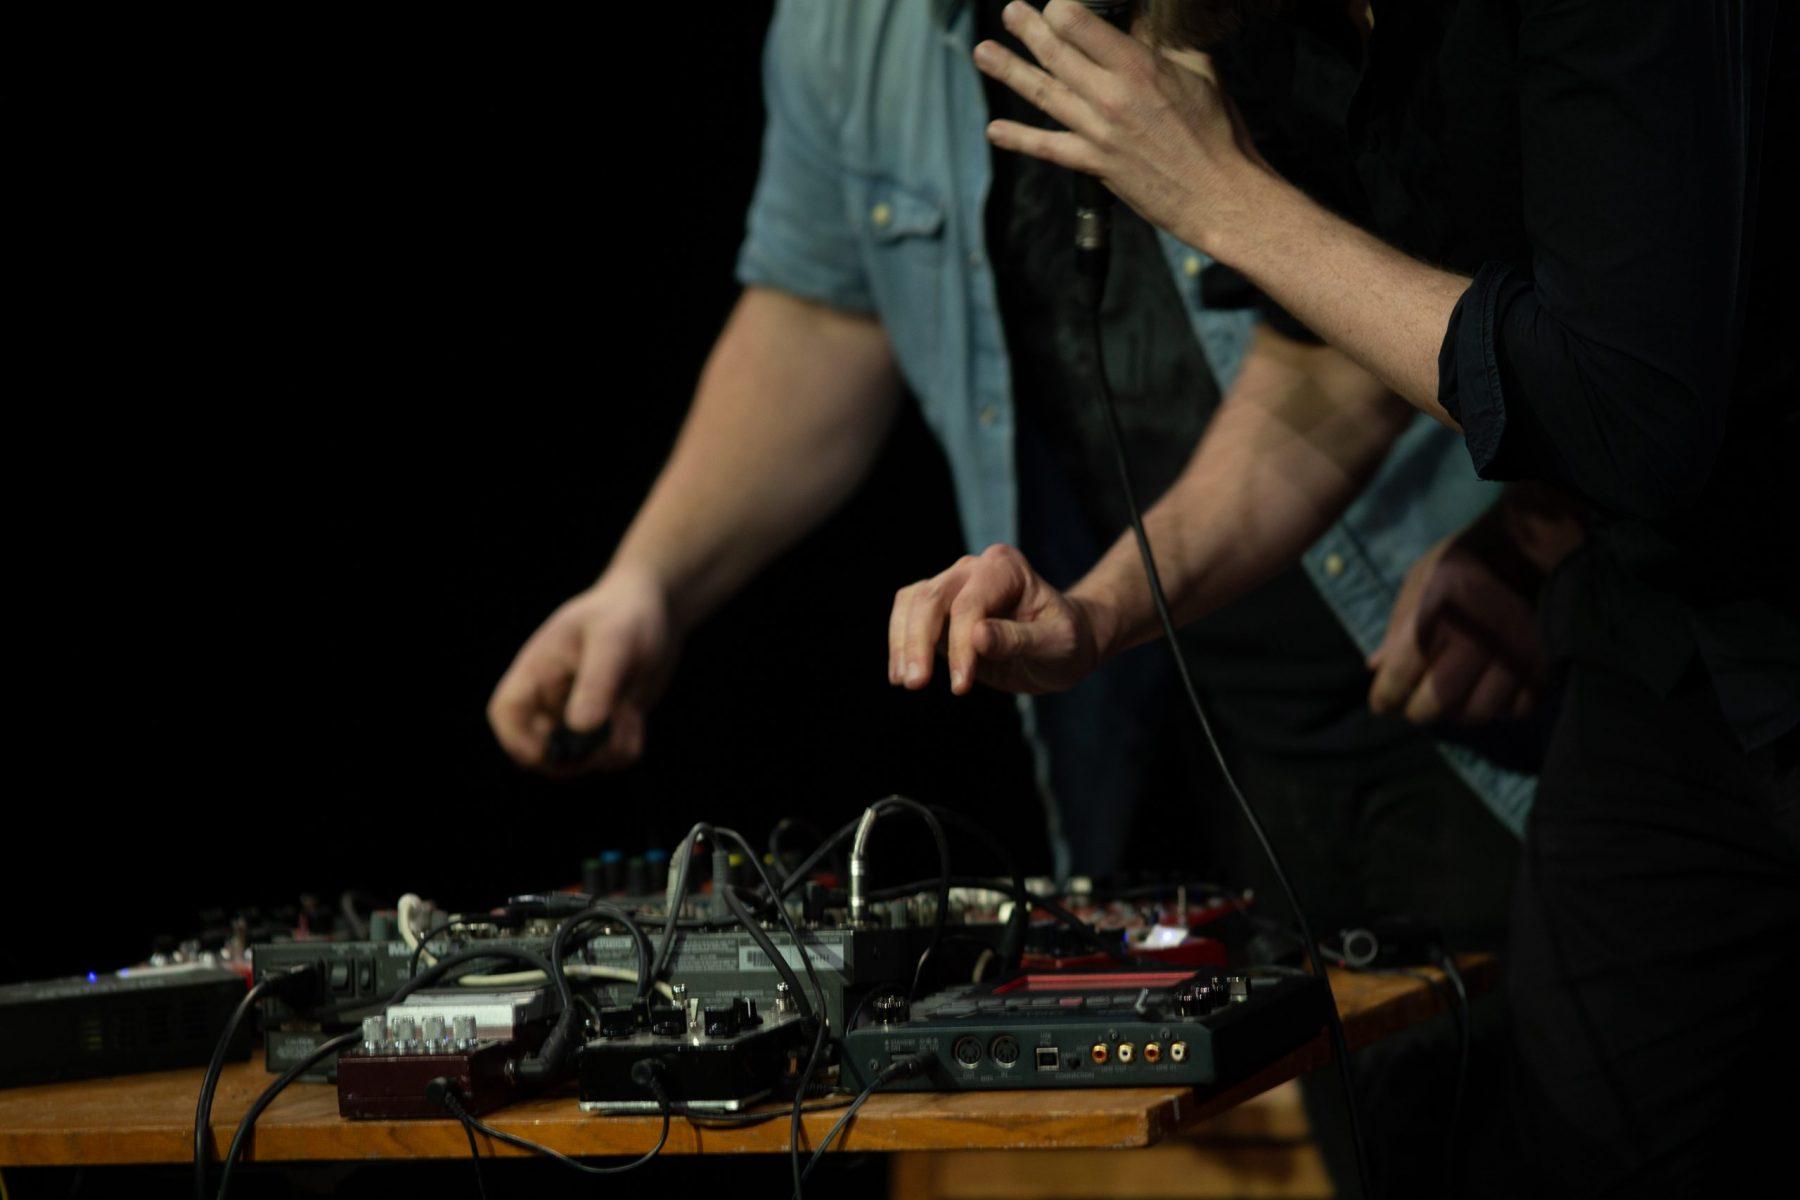 Berattaren-och-Noisemannen-hands-scaled